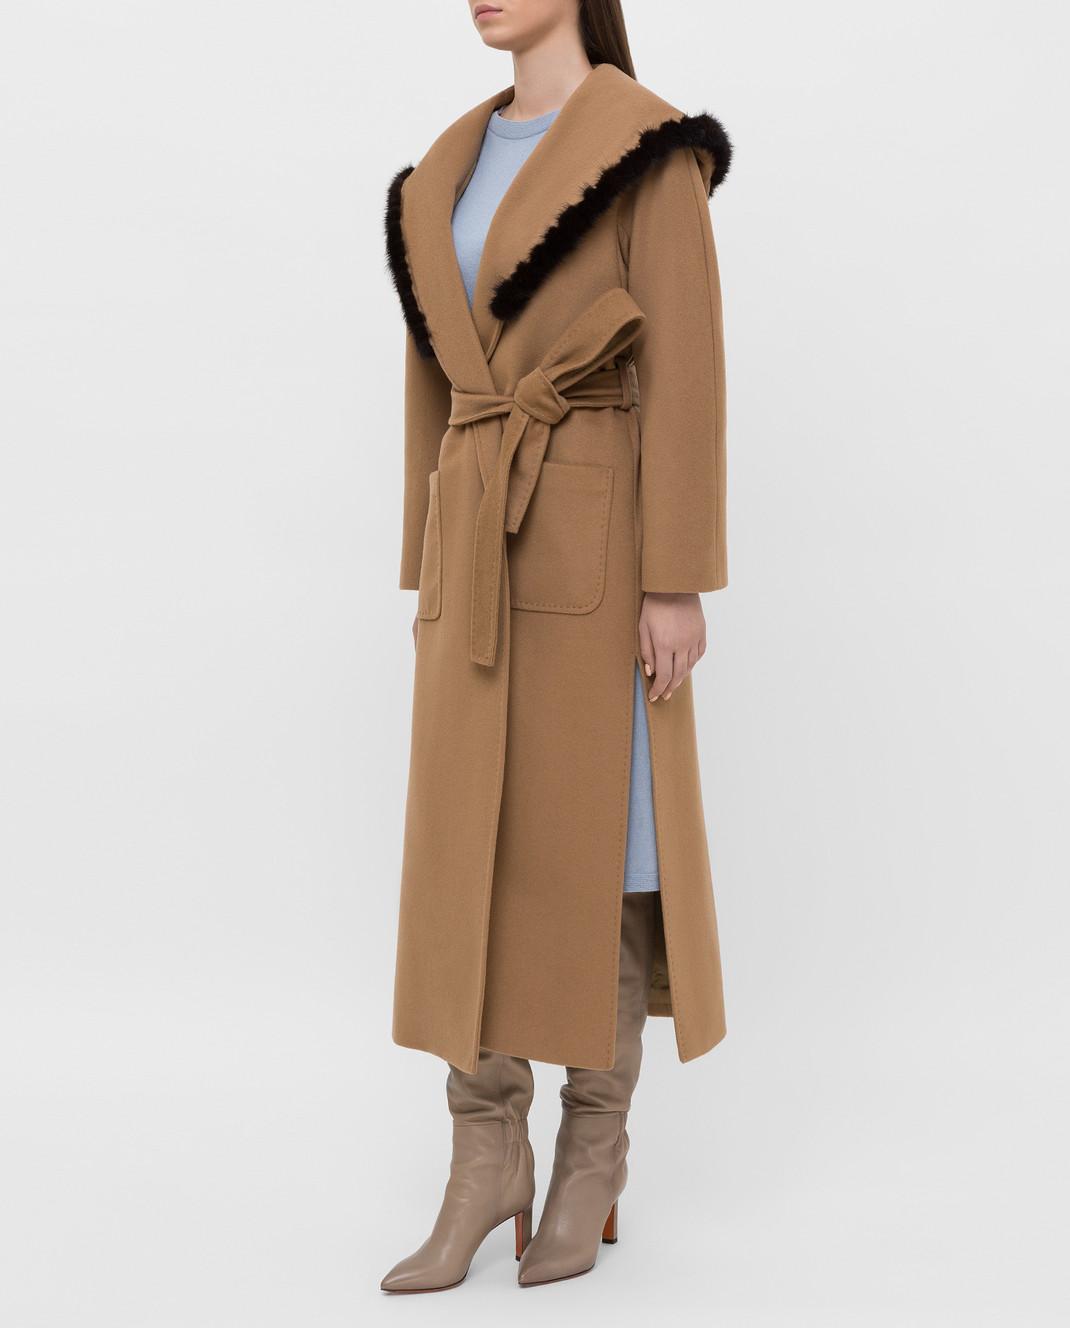 Heresis Бежевое пальто M33130VIA50 изображение 3